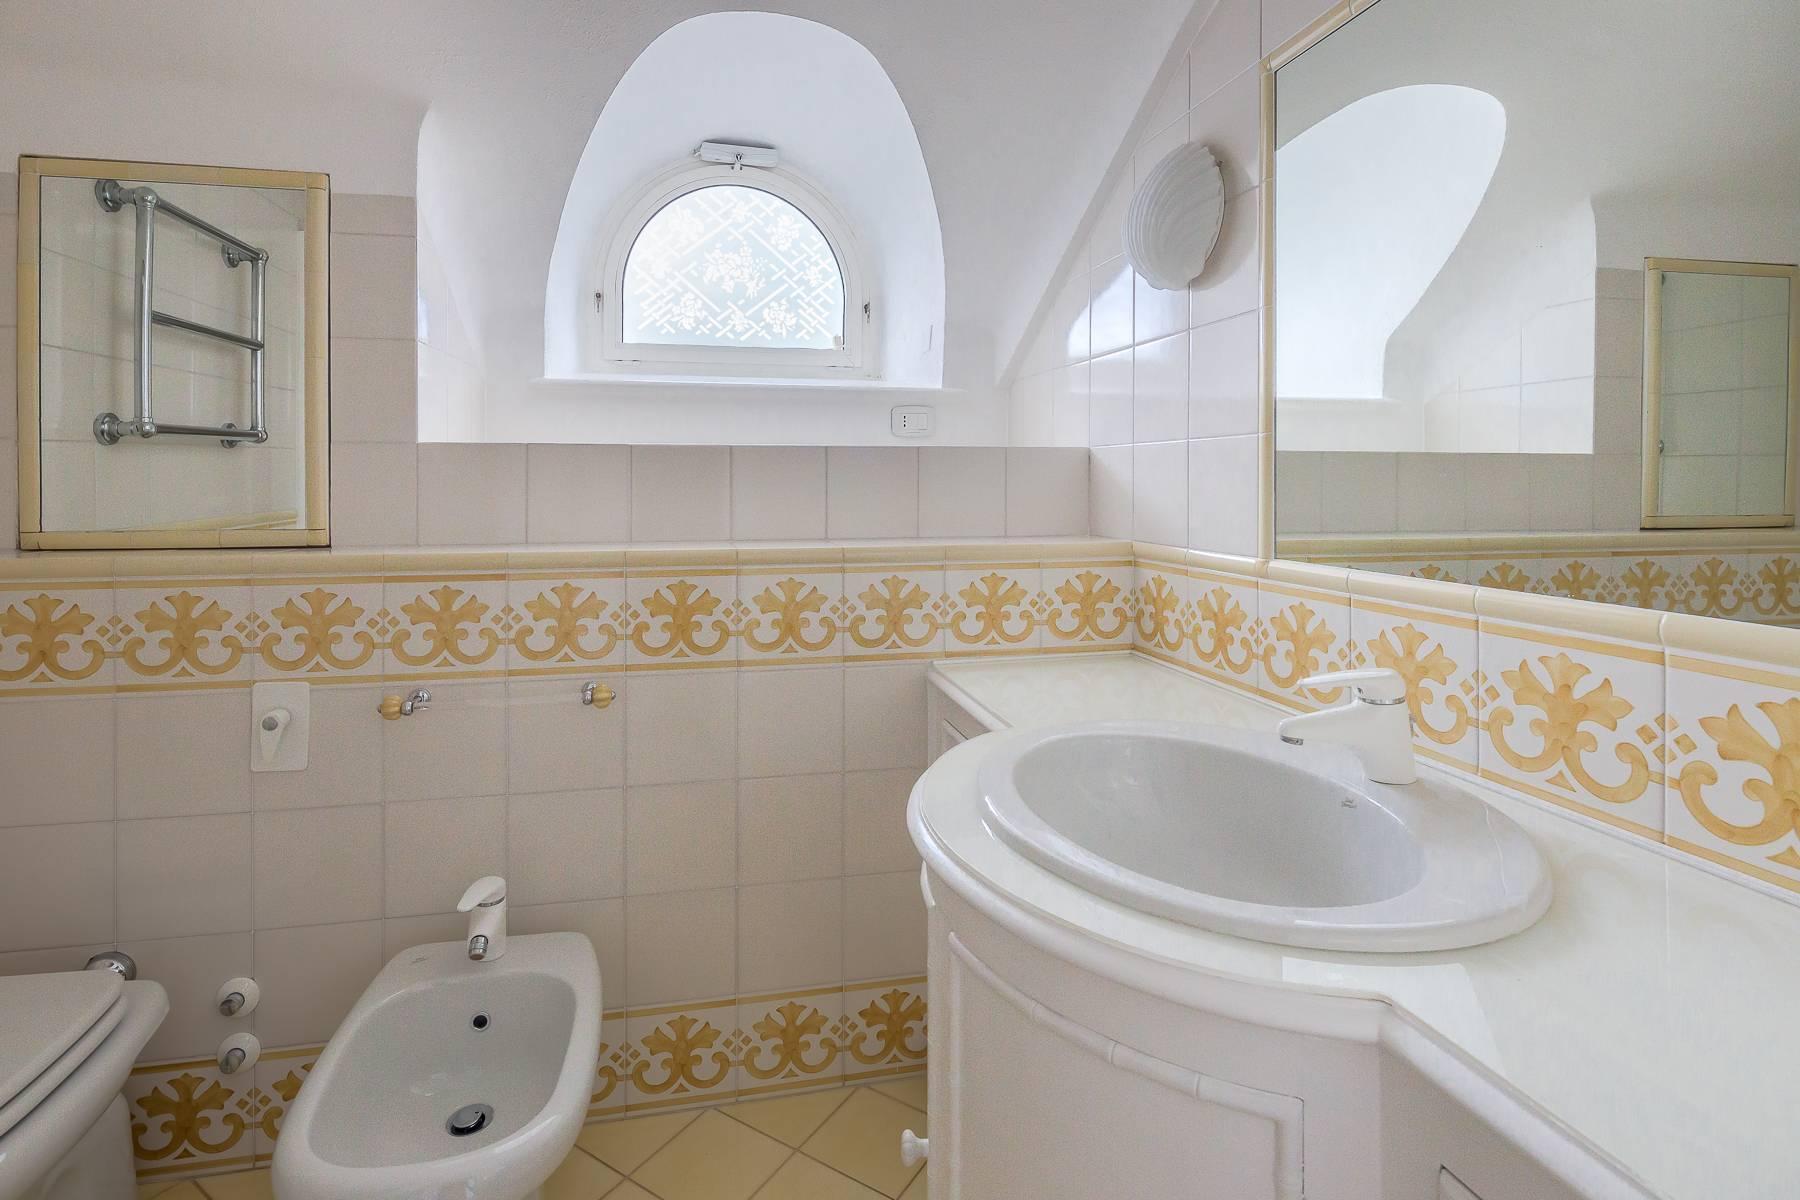 Top-floor apartment for rent in Via Tamburini - 20